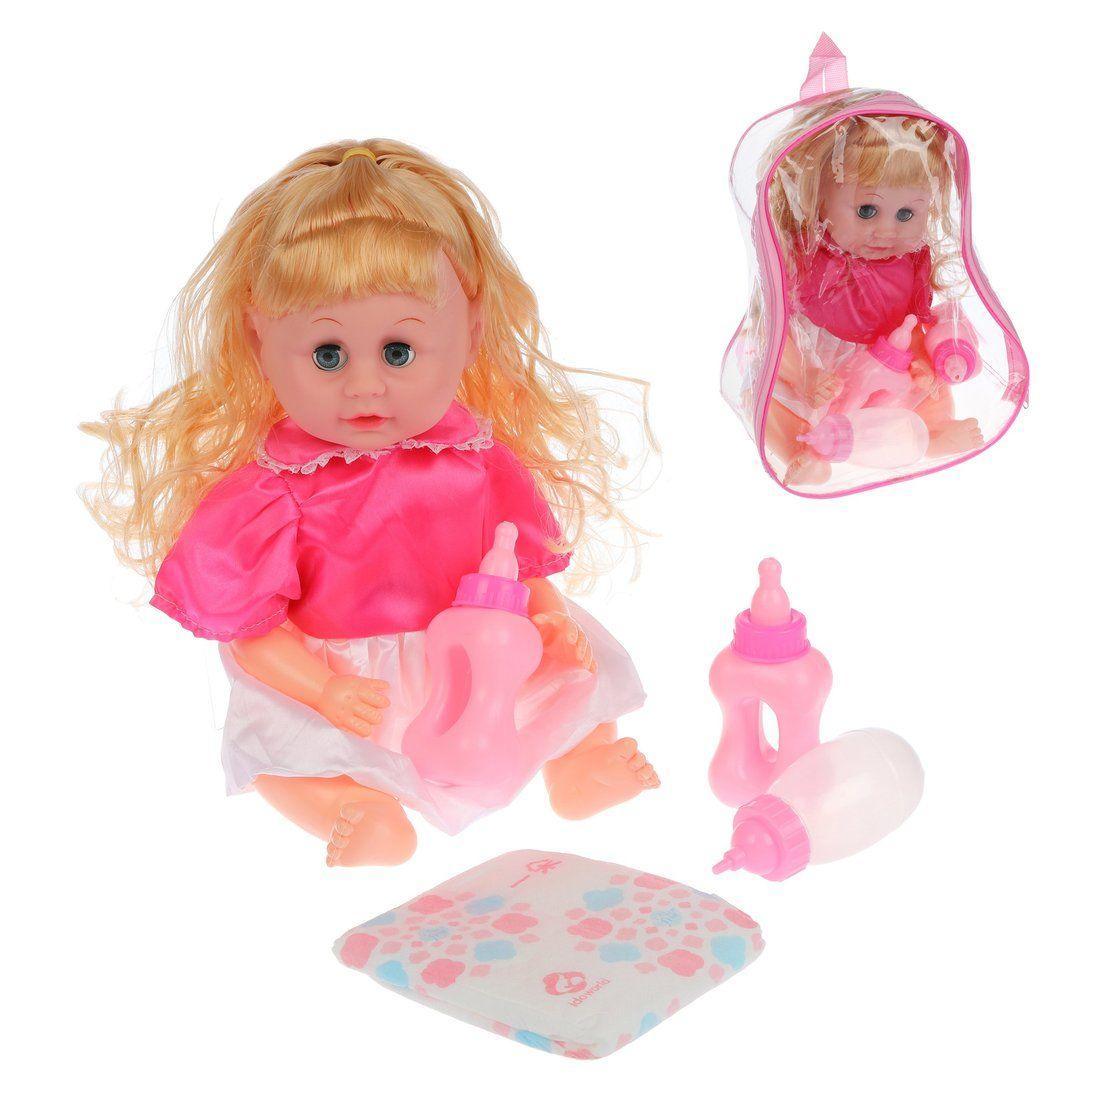 Кукла 35 см, пьет, писает, 4 аксесс